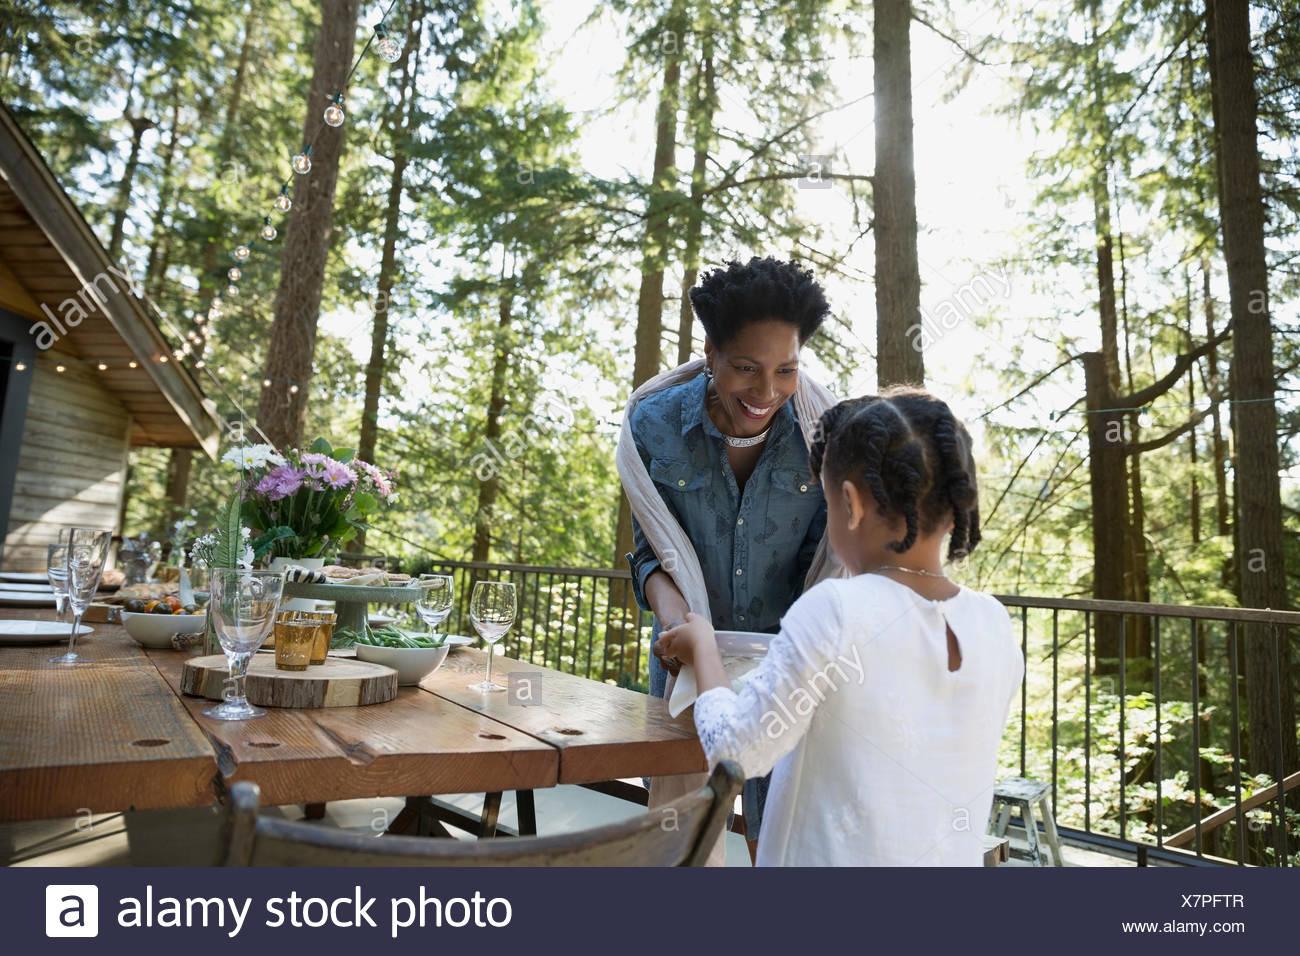 Enkelin hilft Großmutter Dinnerparty auf Kabine Balkon in Wäldern vorbereiten Stockbild